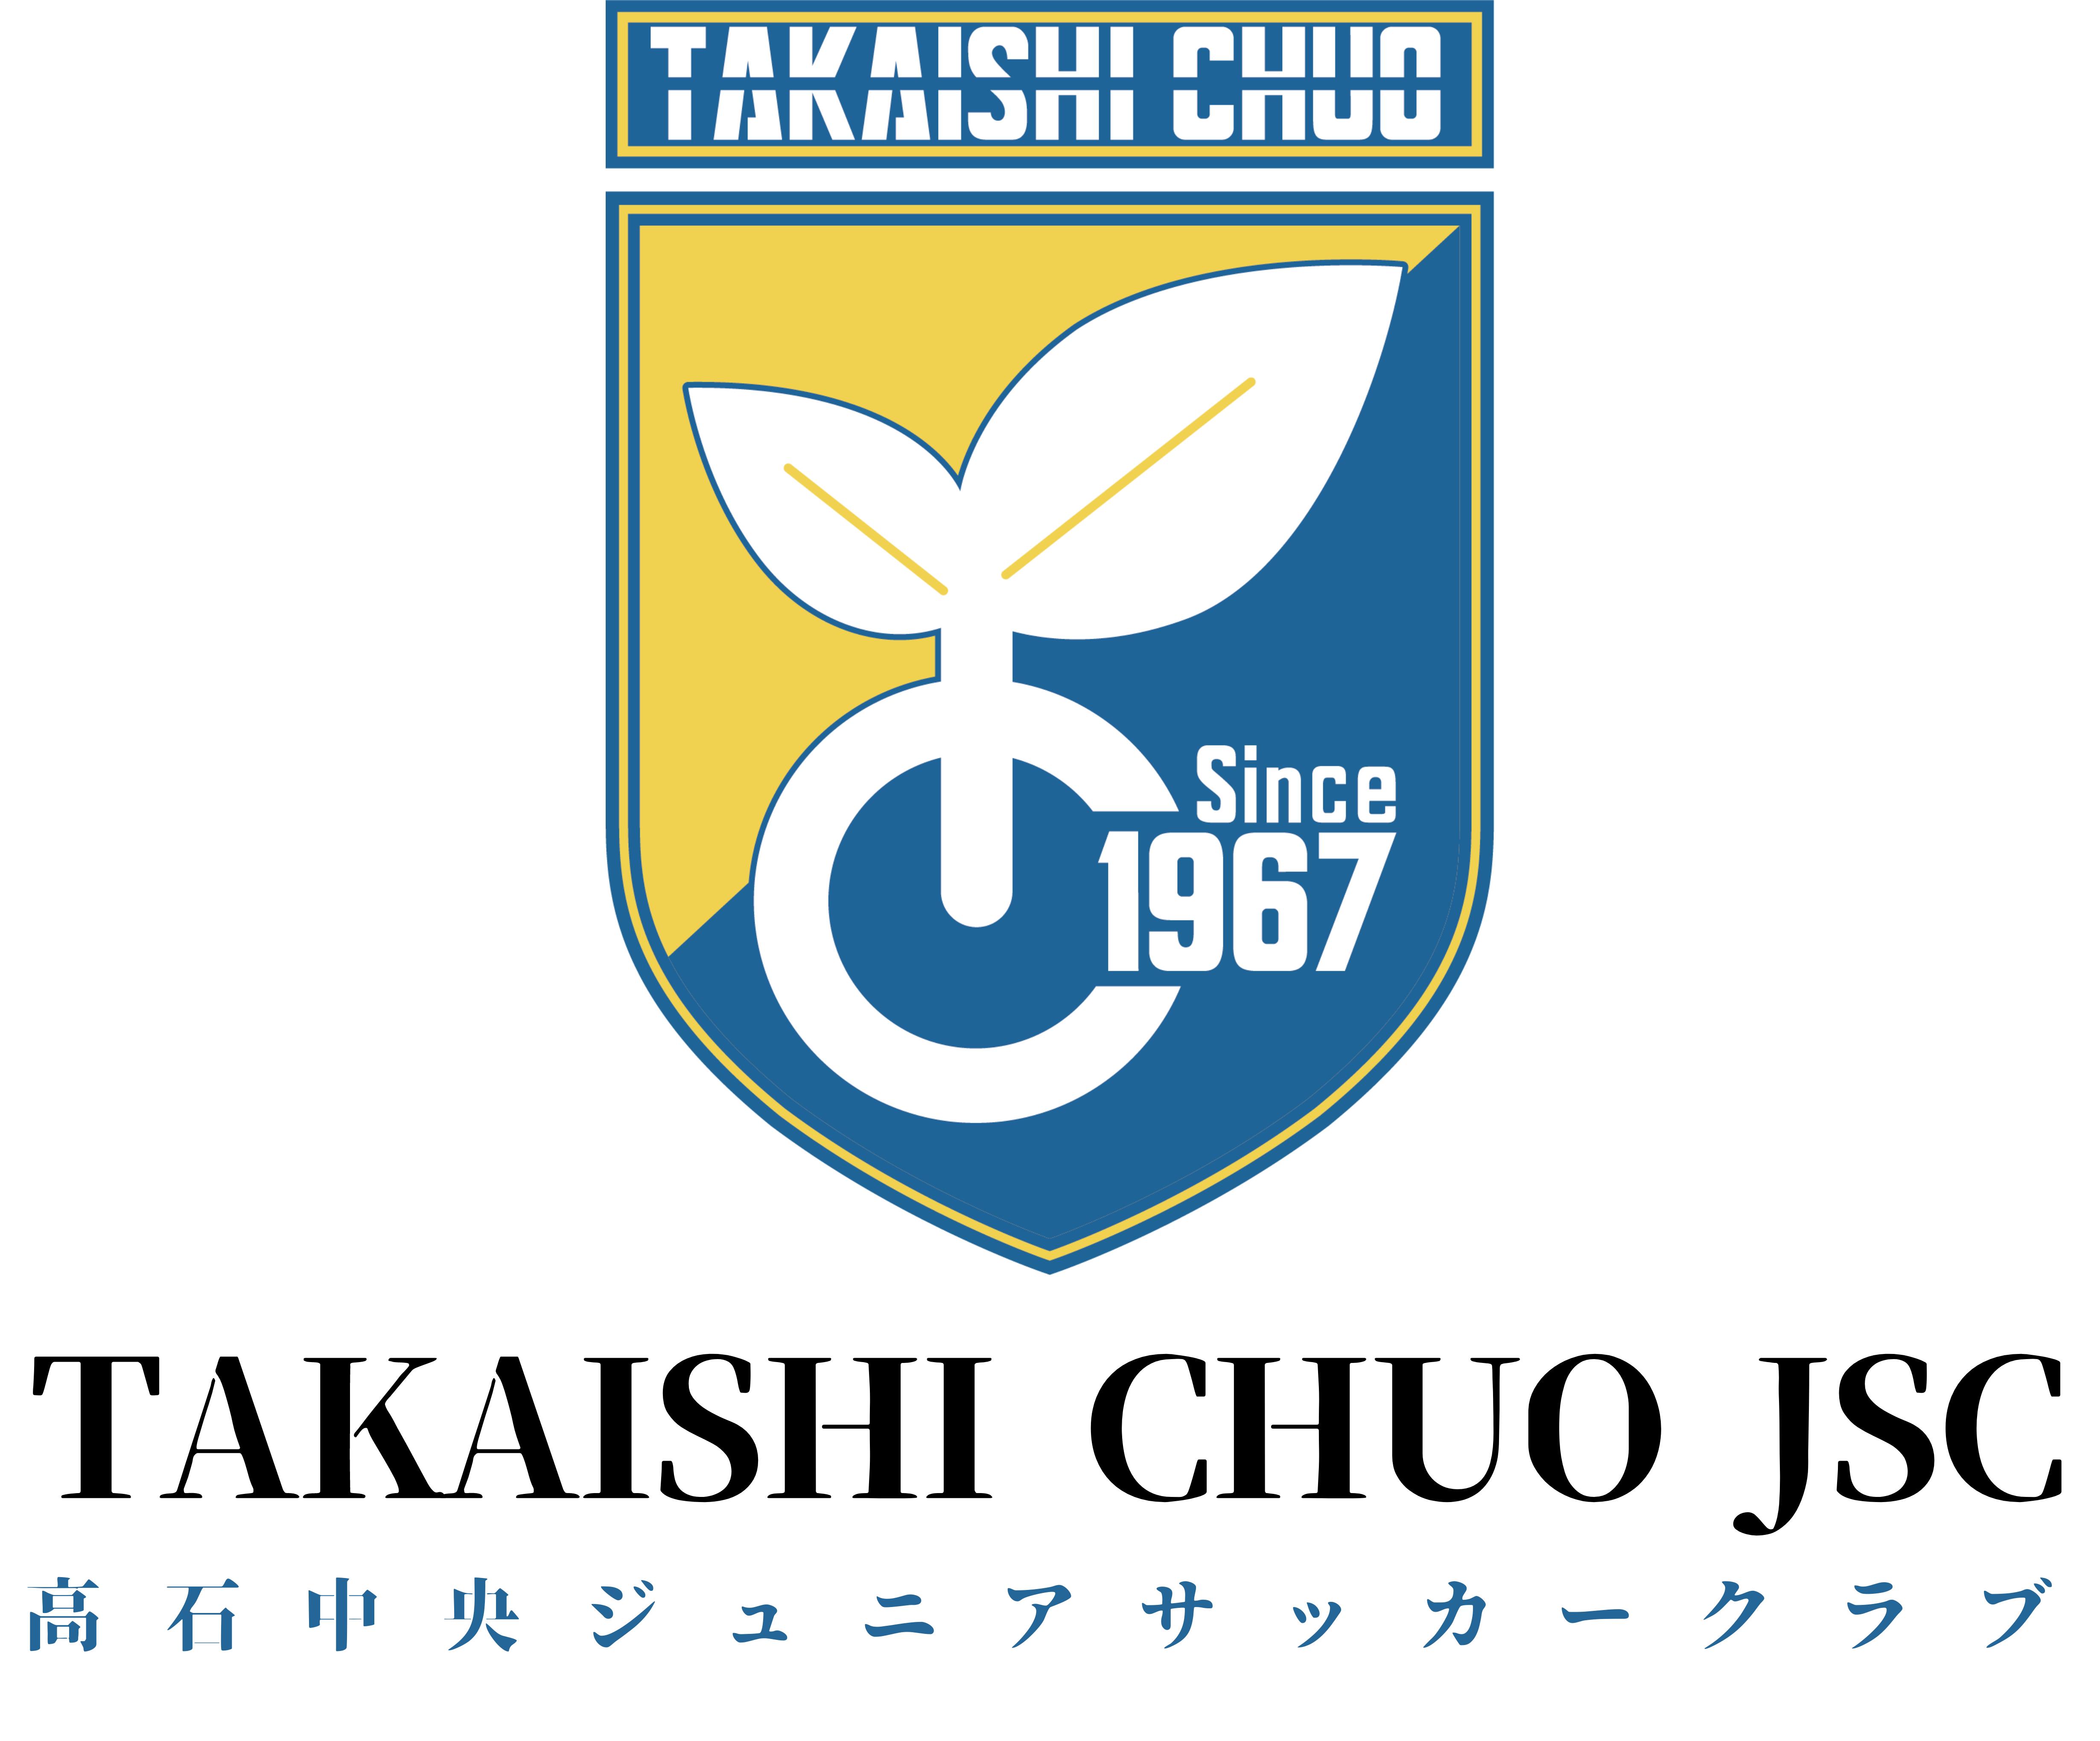 高石中央JSC